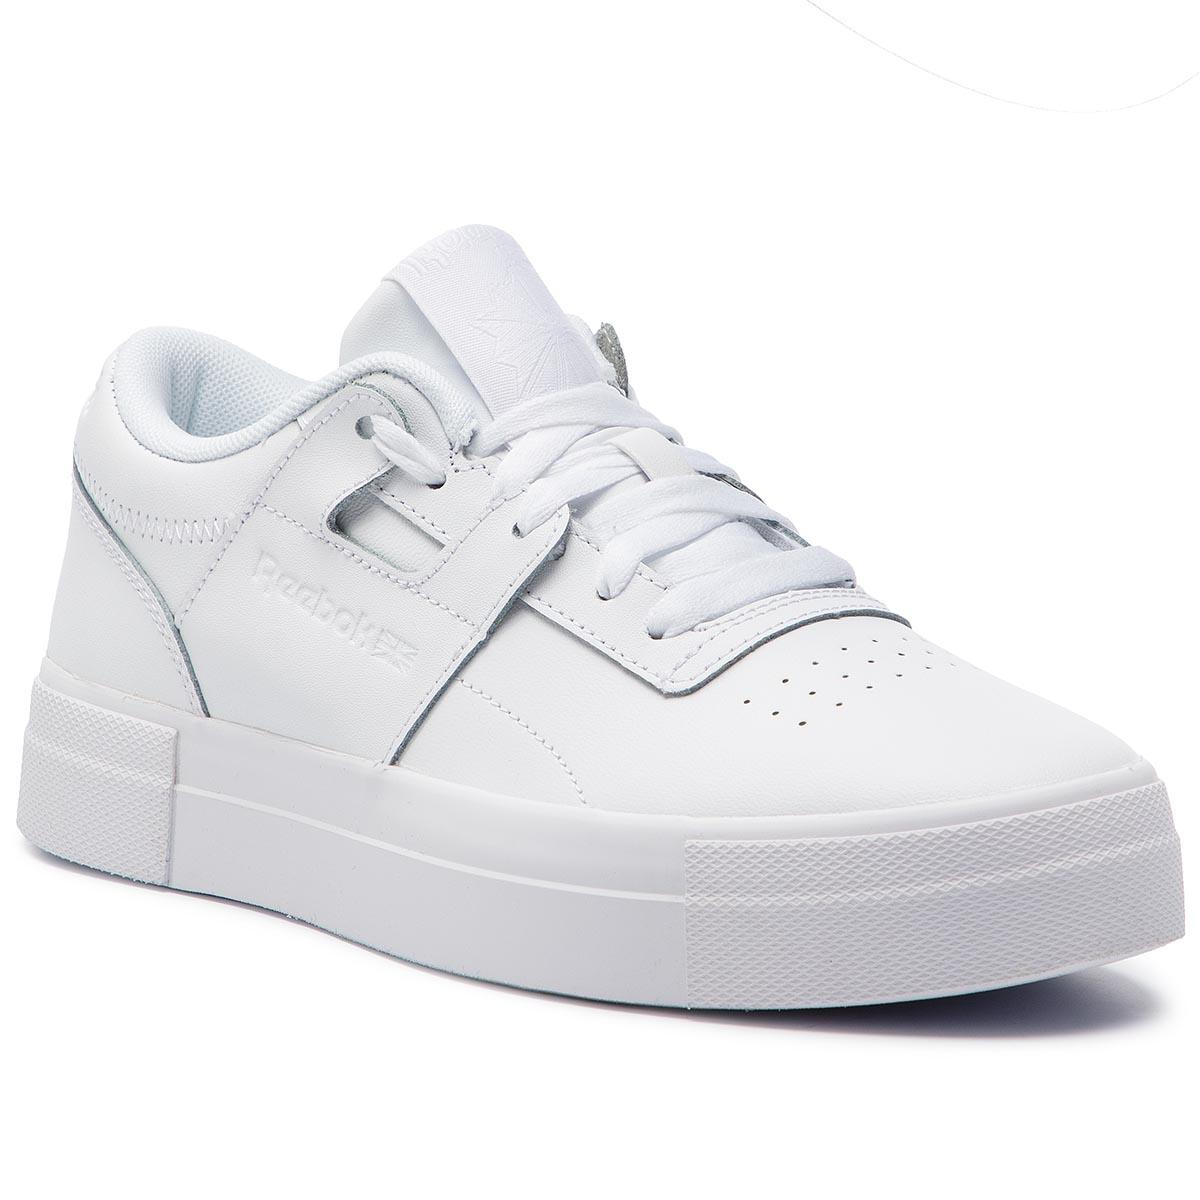 Shoes Reebok Workout Lo Fvs CN6891 Basic BlackWhiteGrey